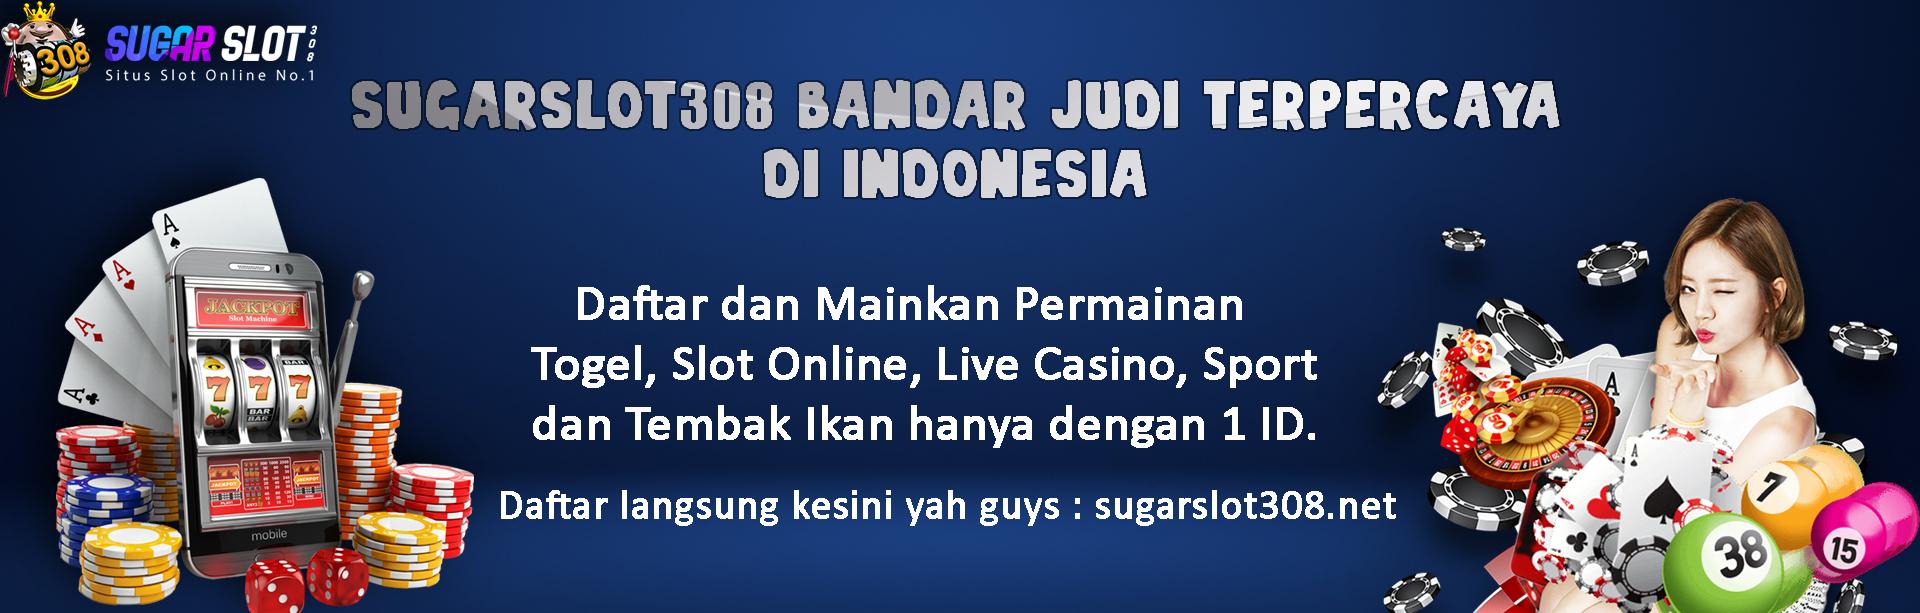 SUGARSLOT308 Bandar Judi Terpercaya di Indonesia